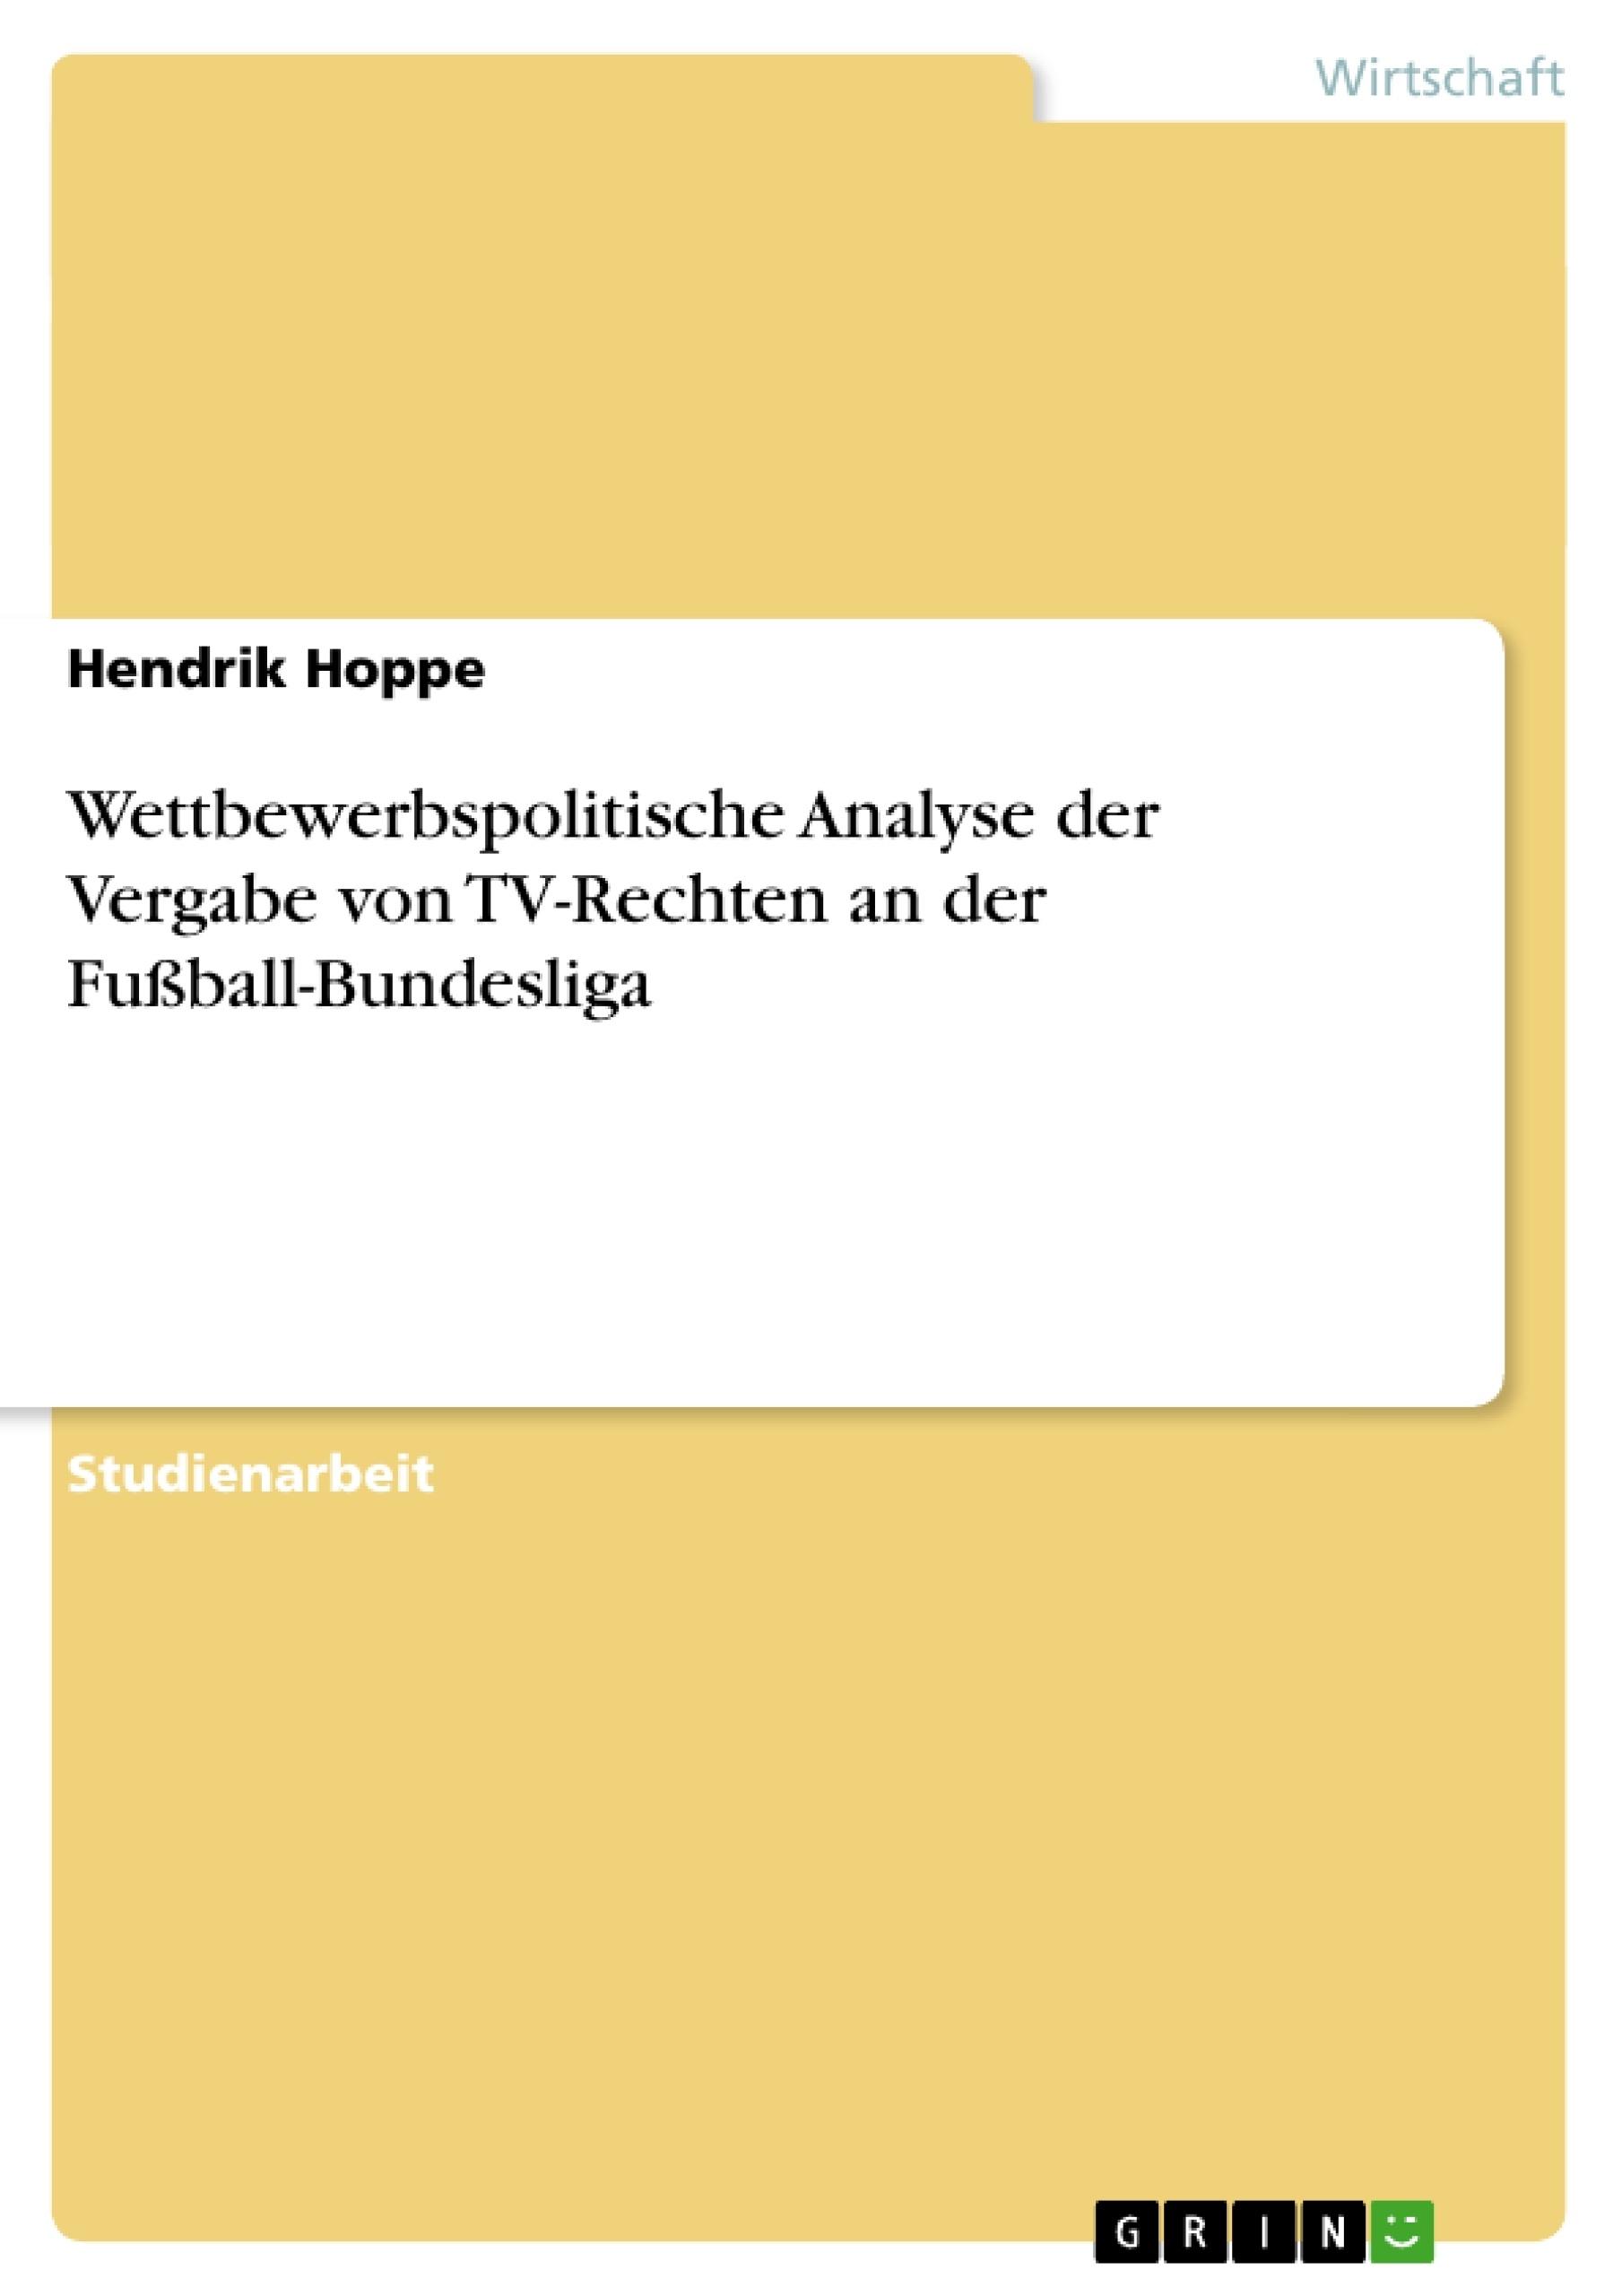 Titel: Wettbewerbspolitische Analyse der Vergabe von TV-Rechten an der Fußball-Bundesliga